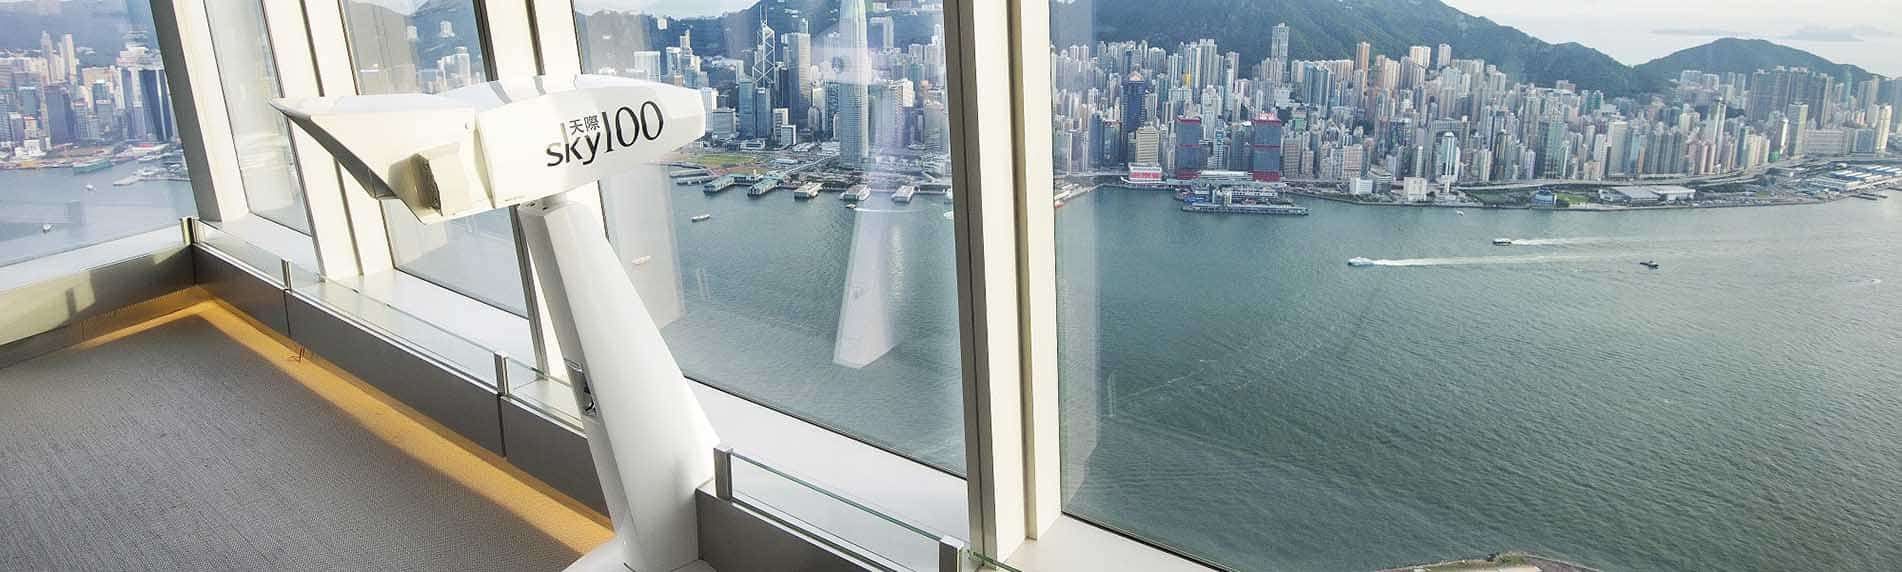 sky100 deck hong kong